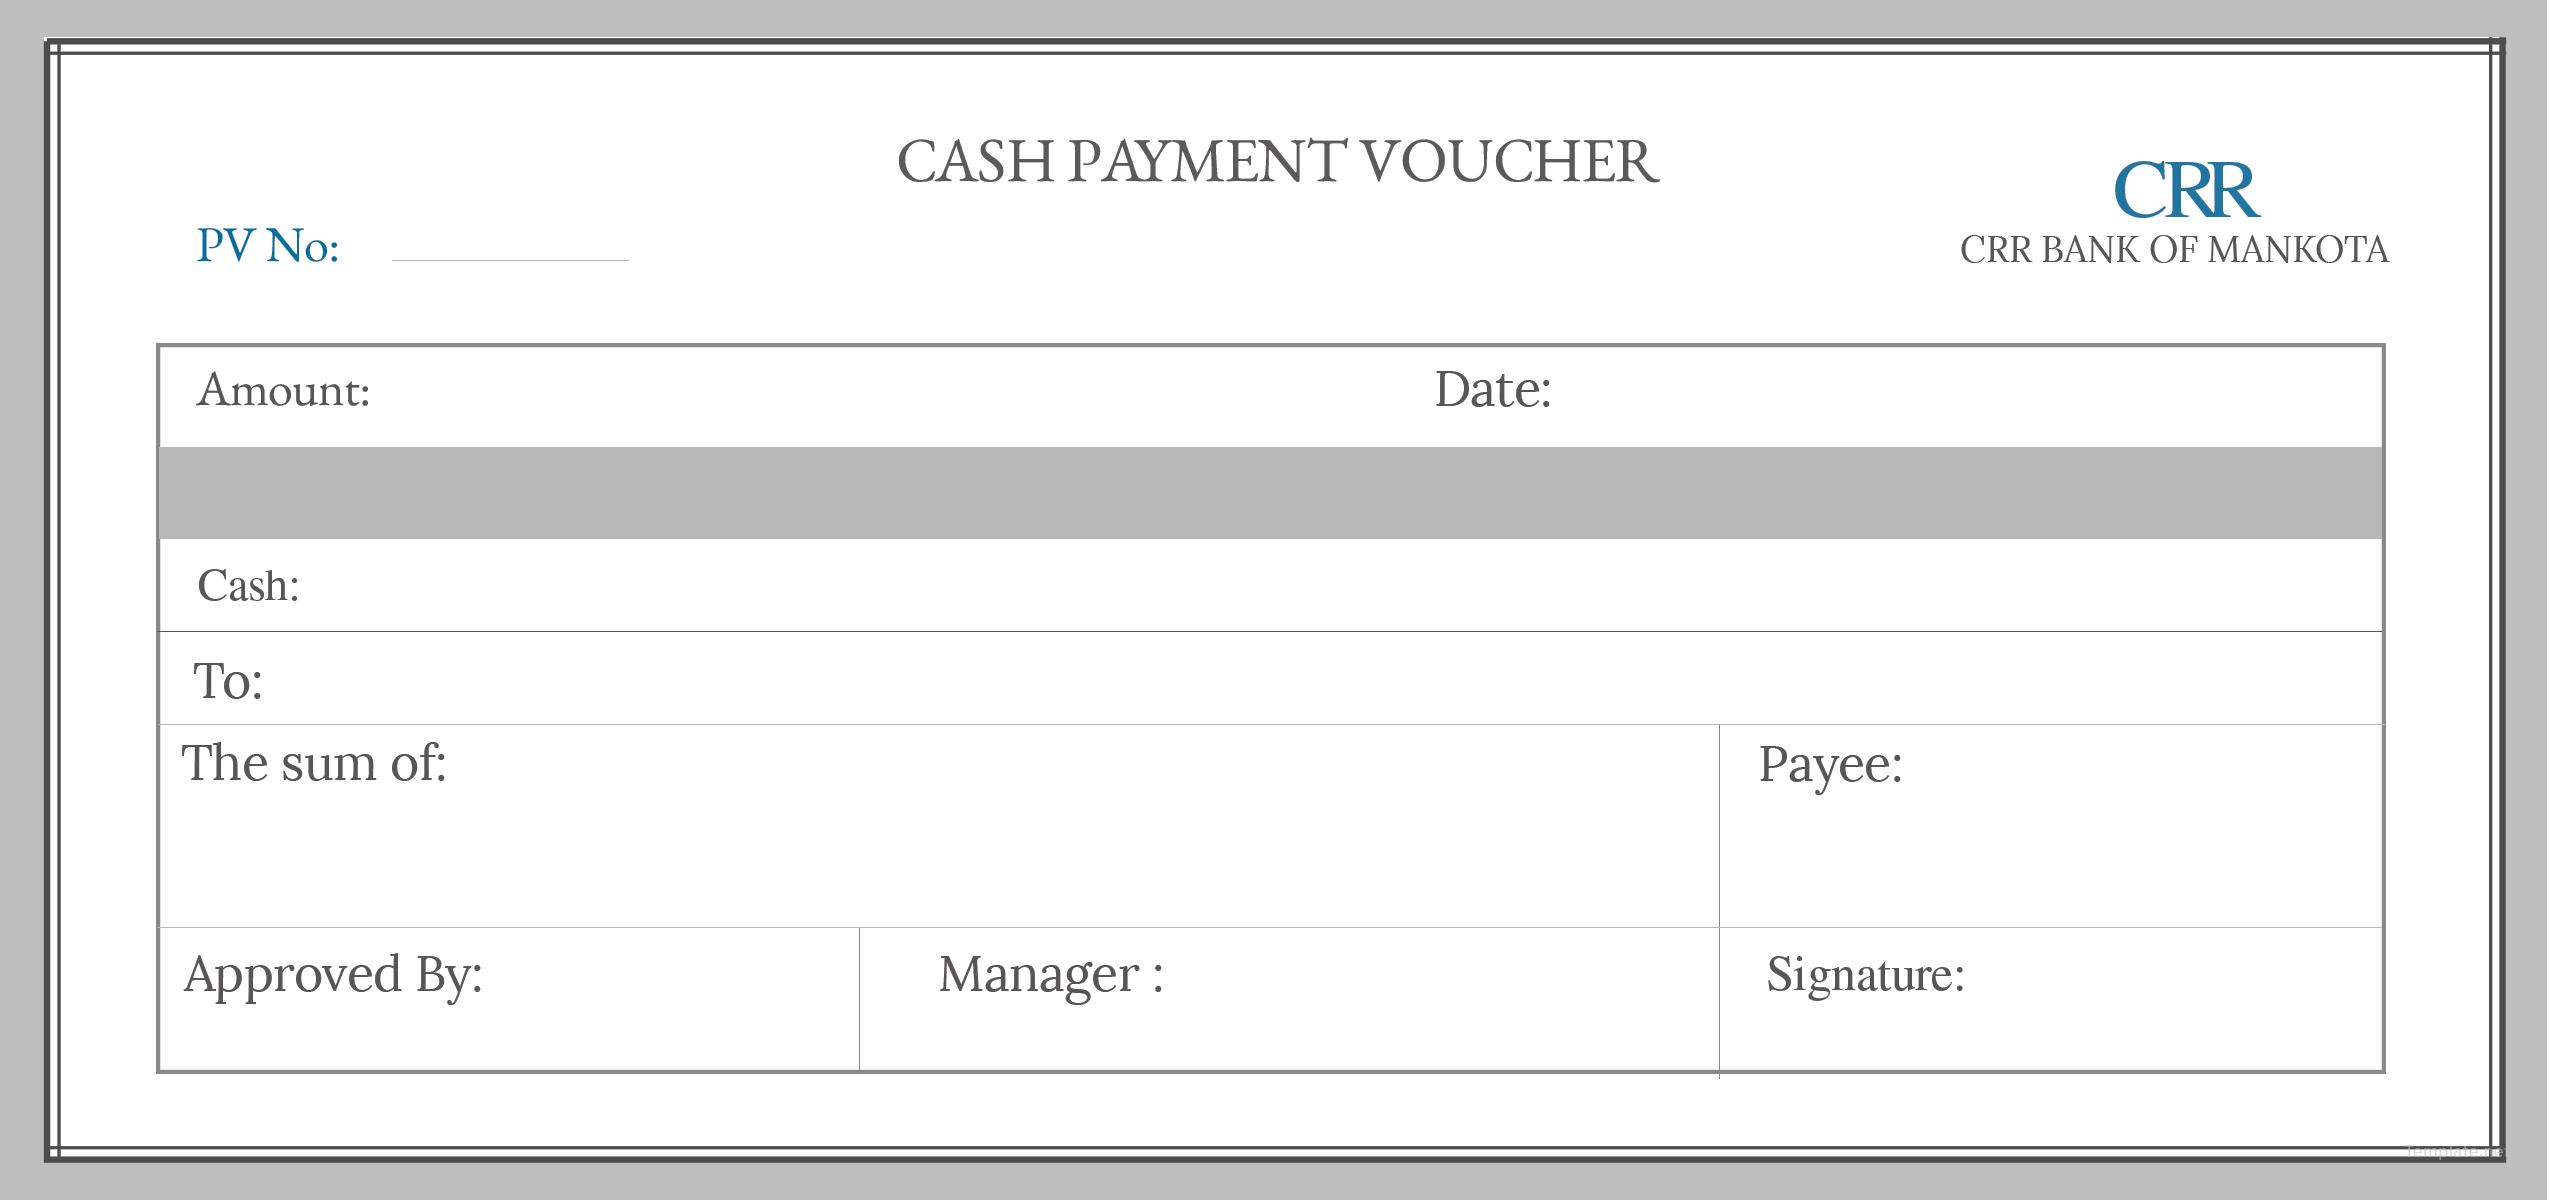 cash payment voucher format tool